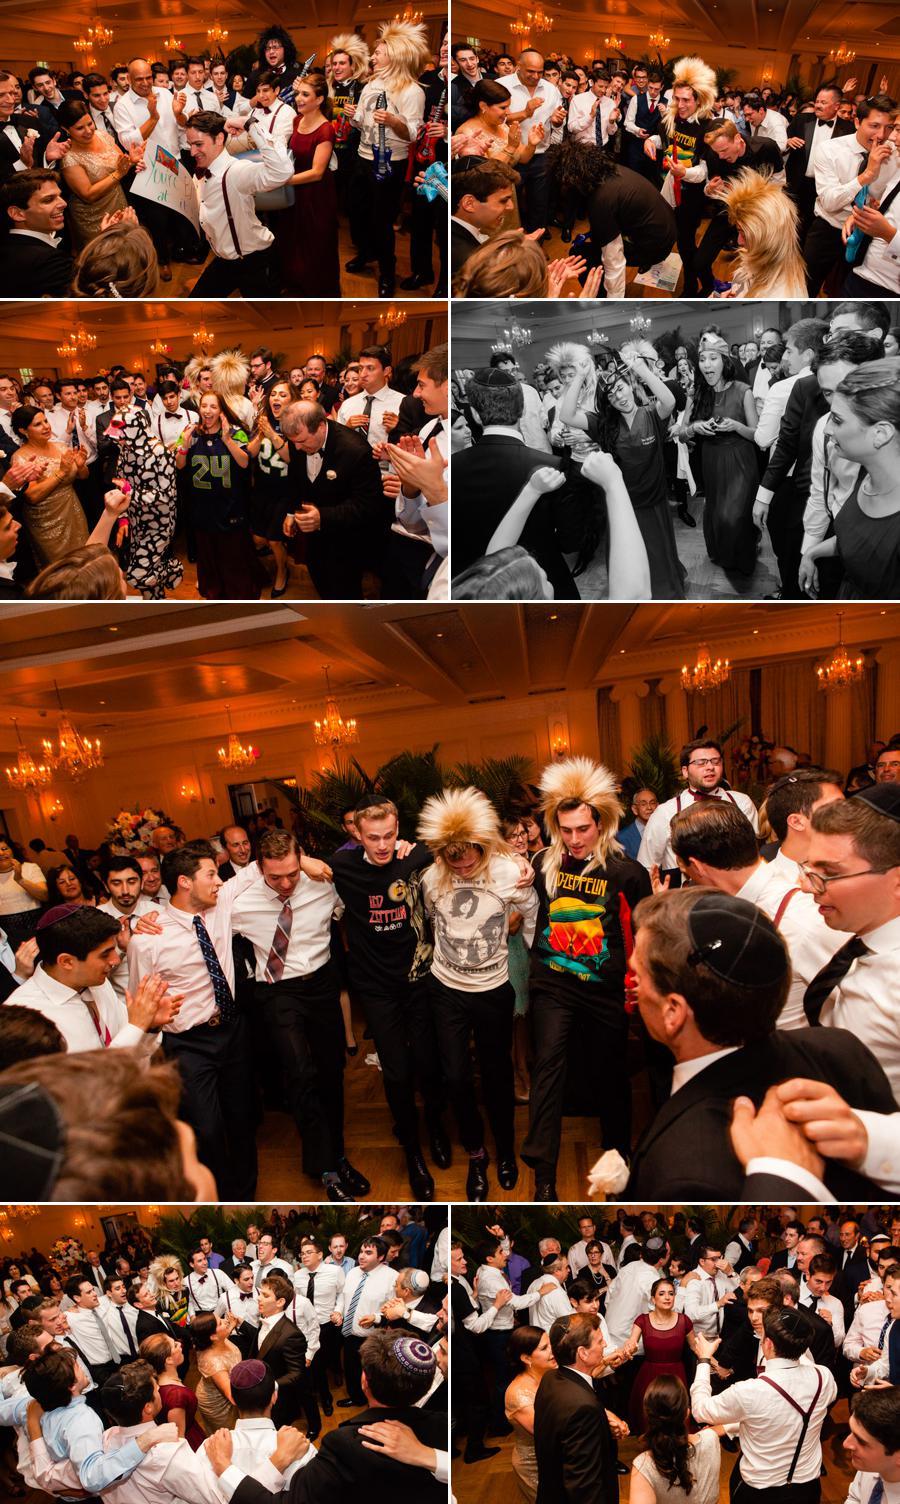 Wedding at The Carltun Long Island, NY - fatchett.com